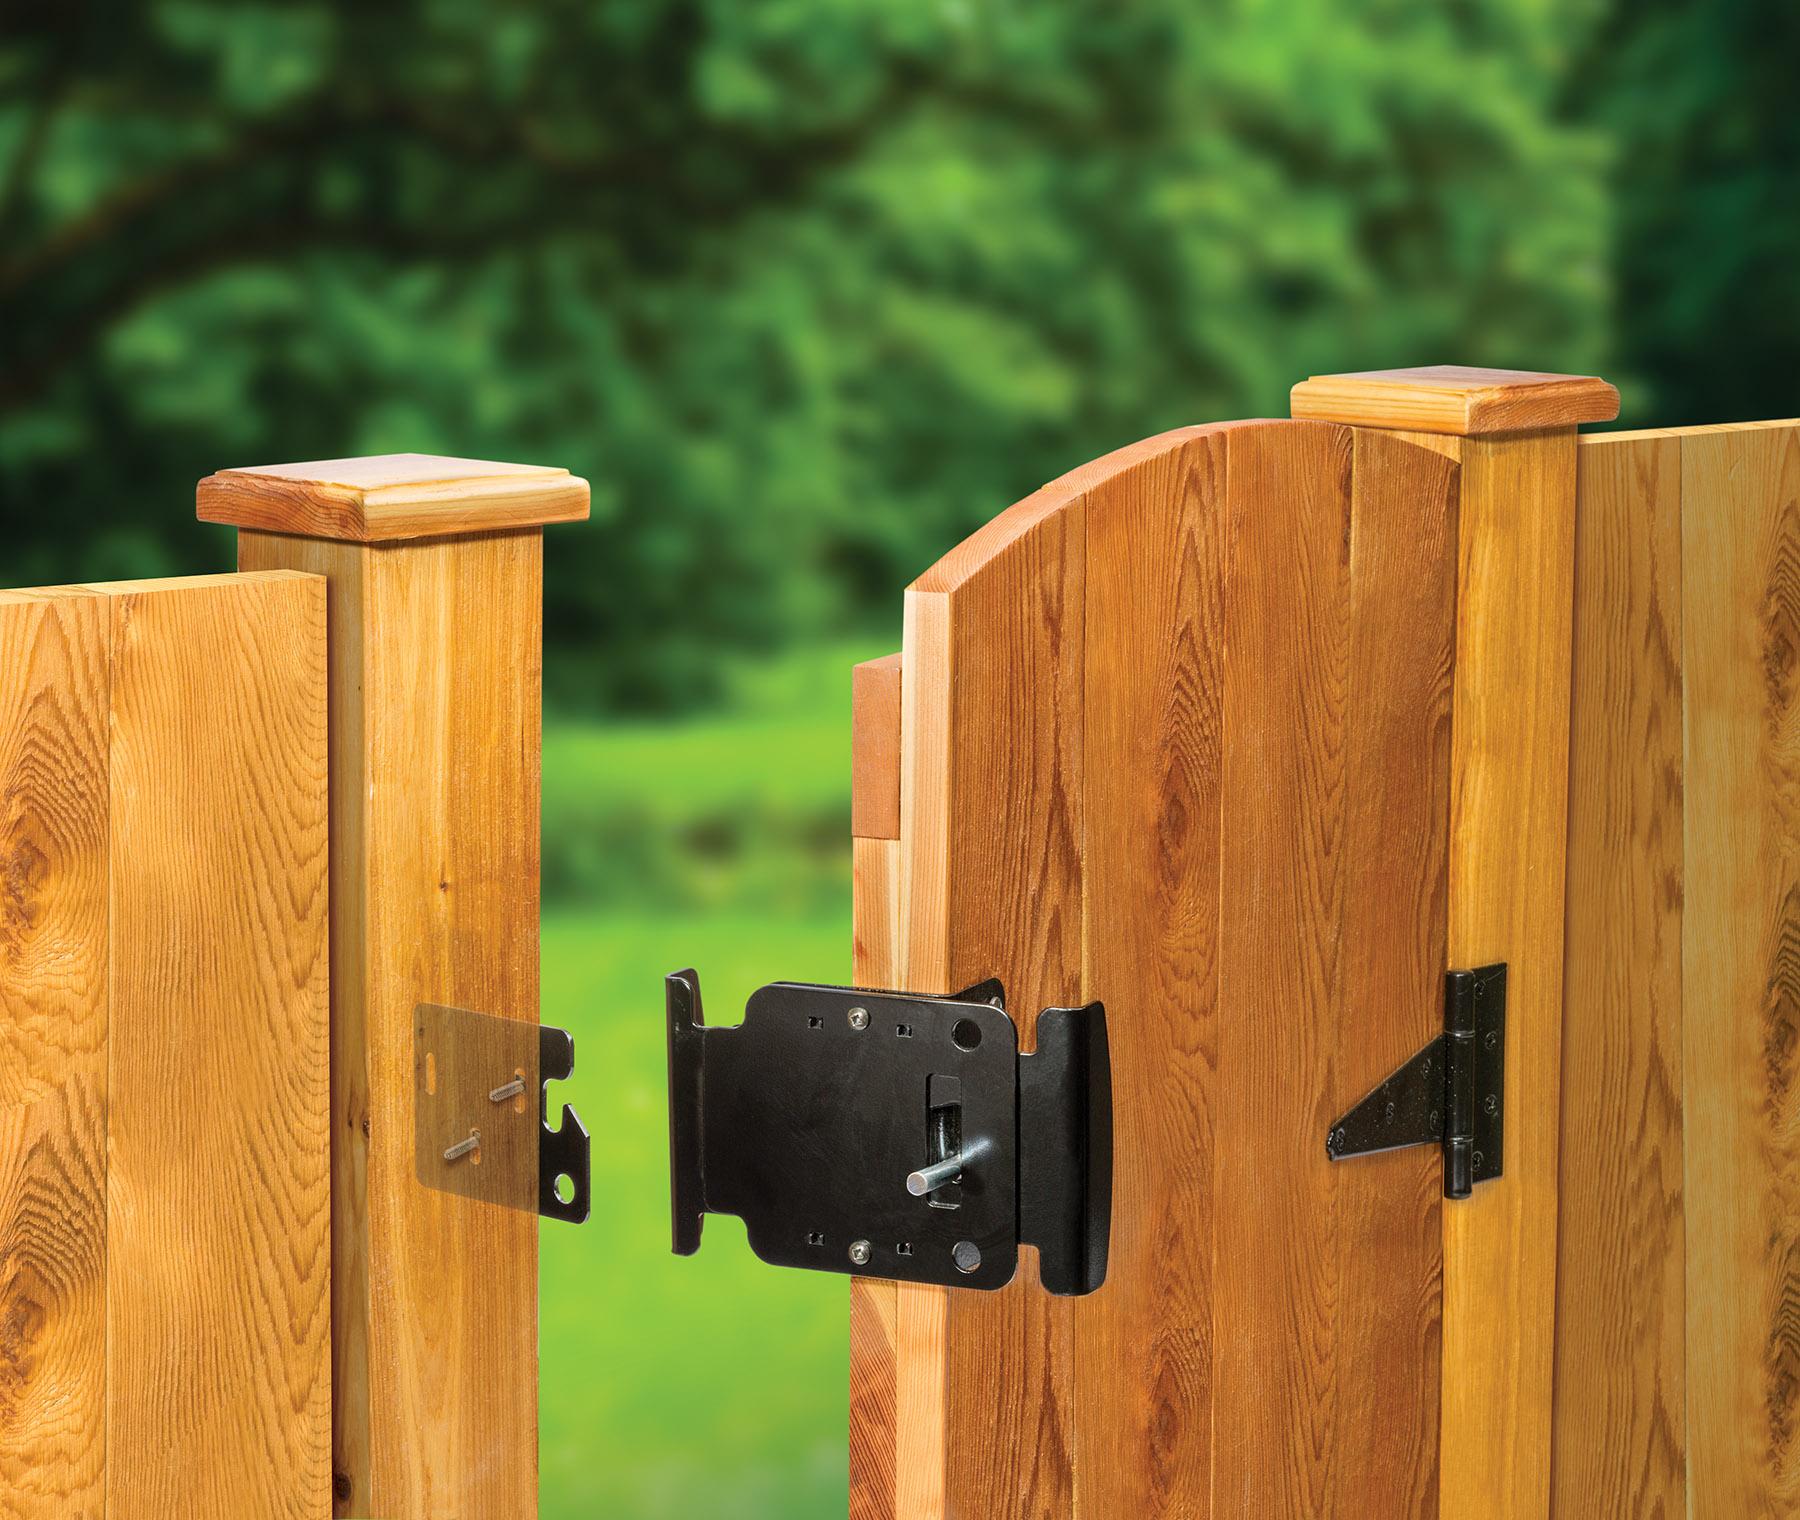 502 Wood Gate